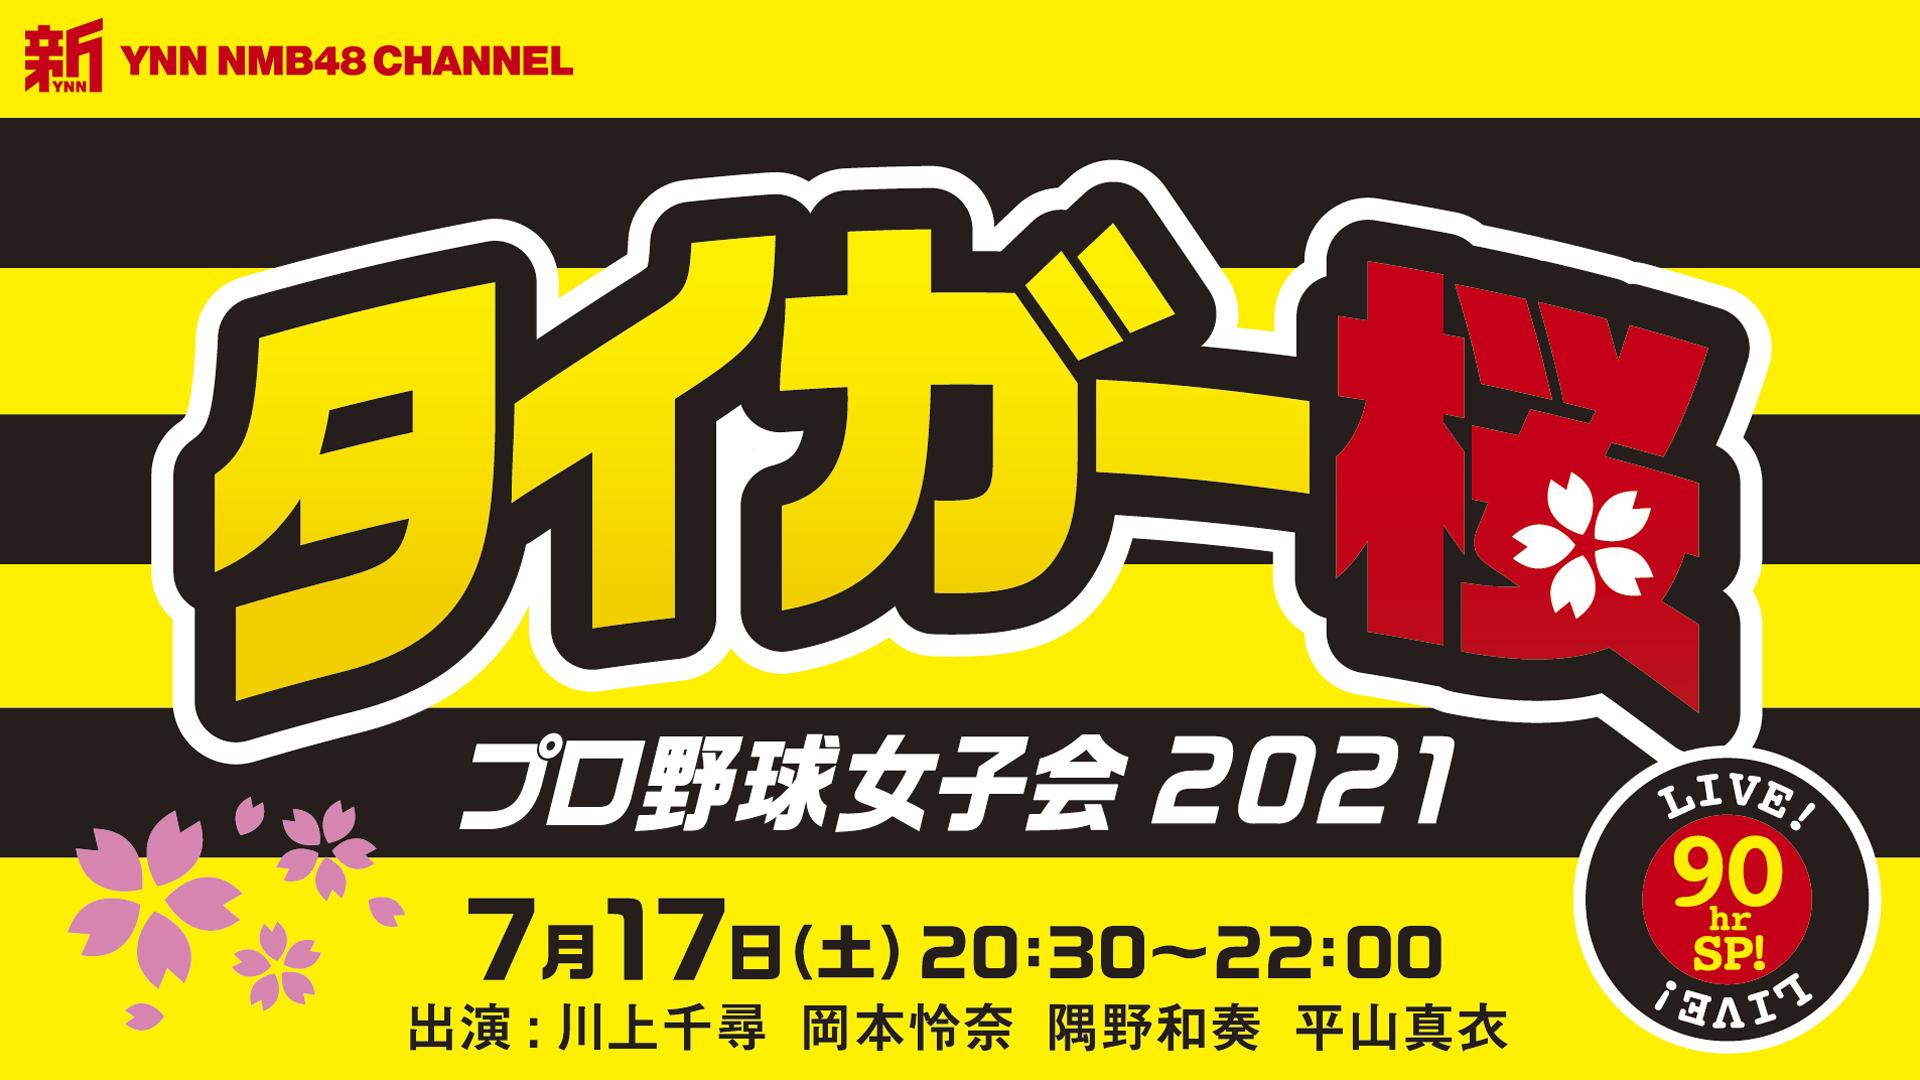 【NMB48】7/17にYNNで「プロ野球女子会2021 」の配信が決定